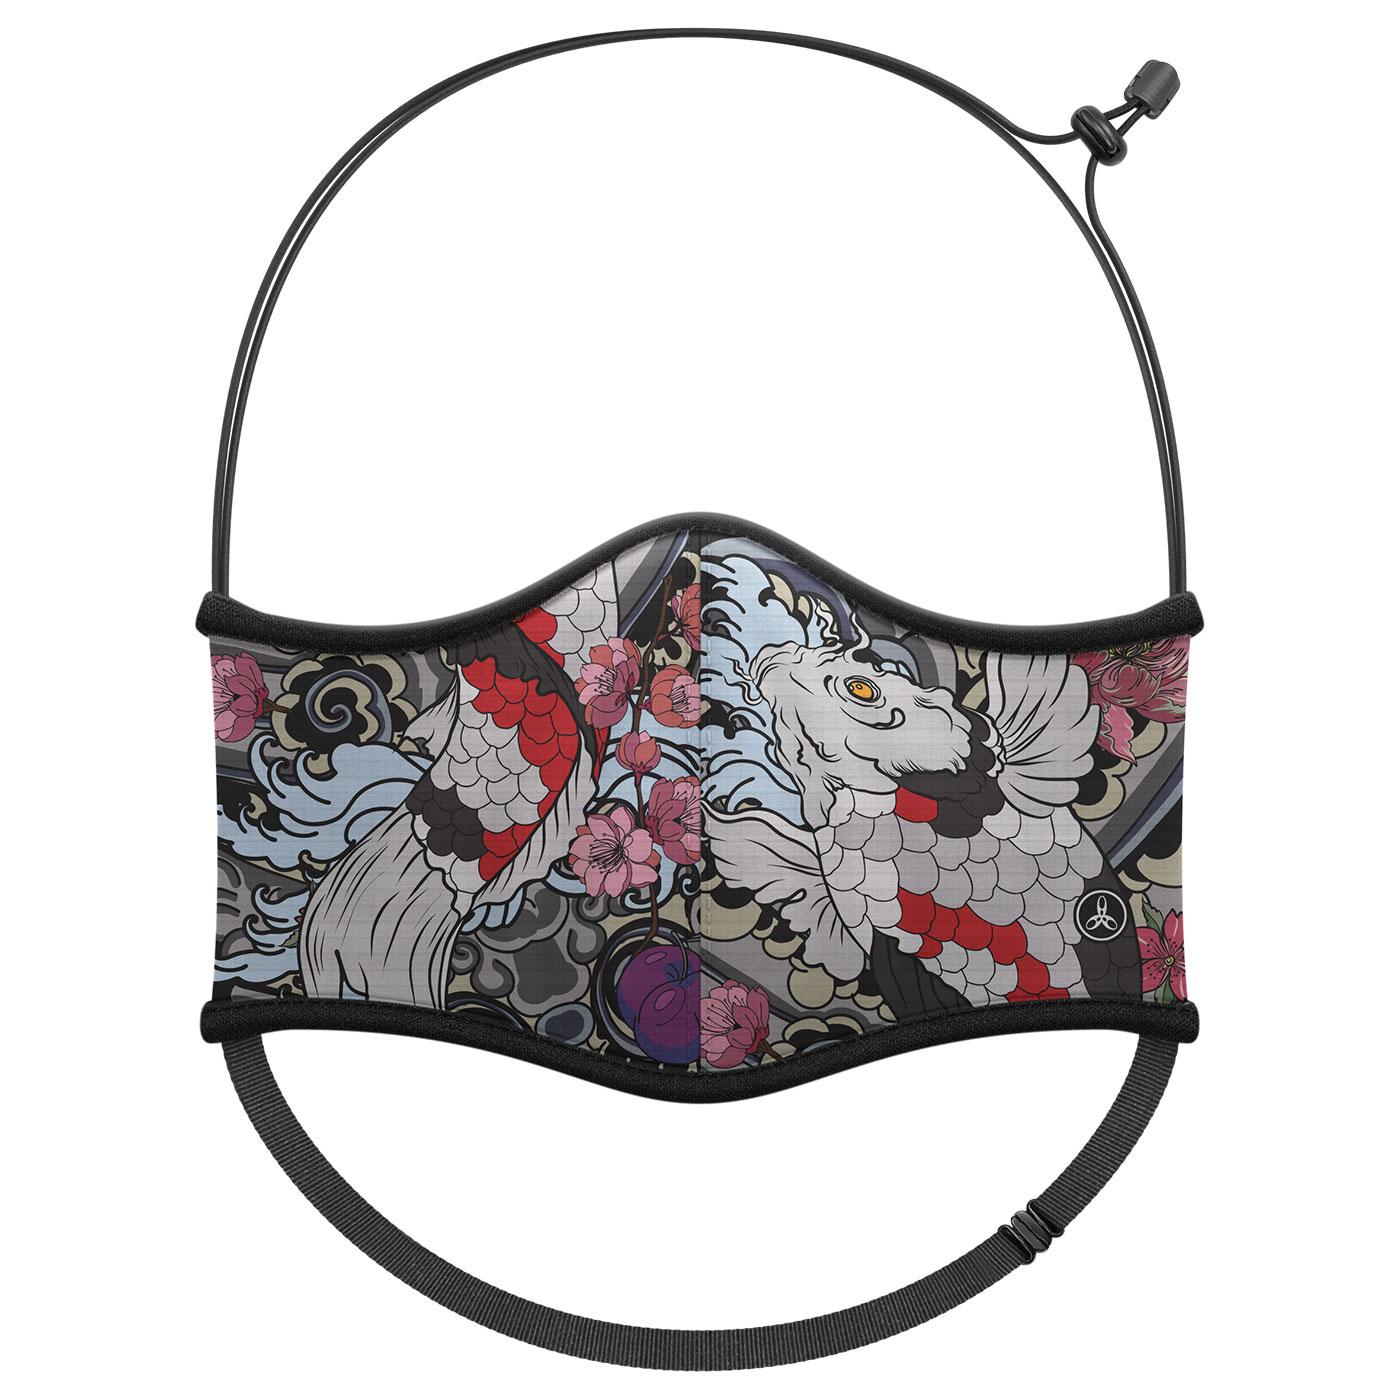 《預購》HODARLA 運動舒適口罩6032243 - 黑灰白紅藍